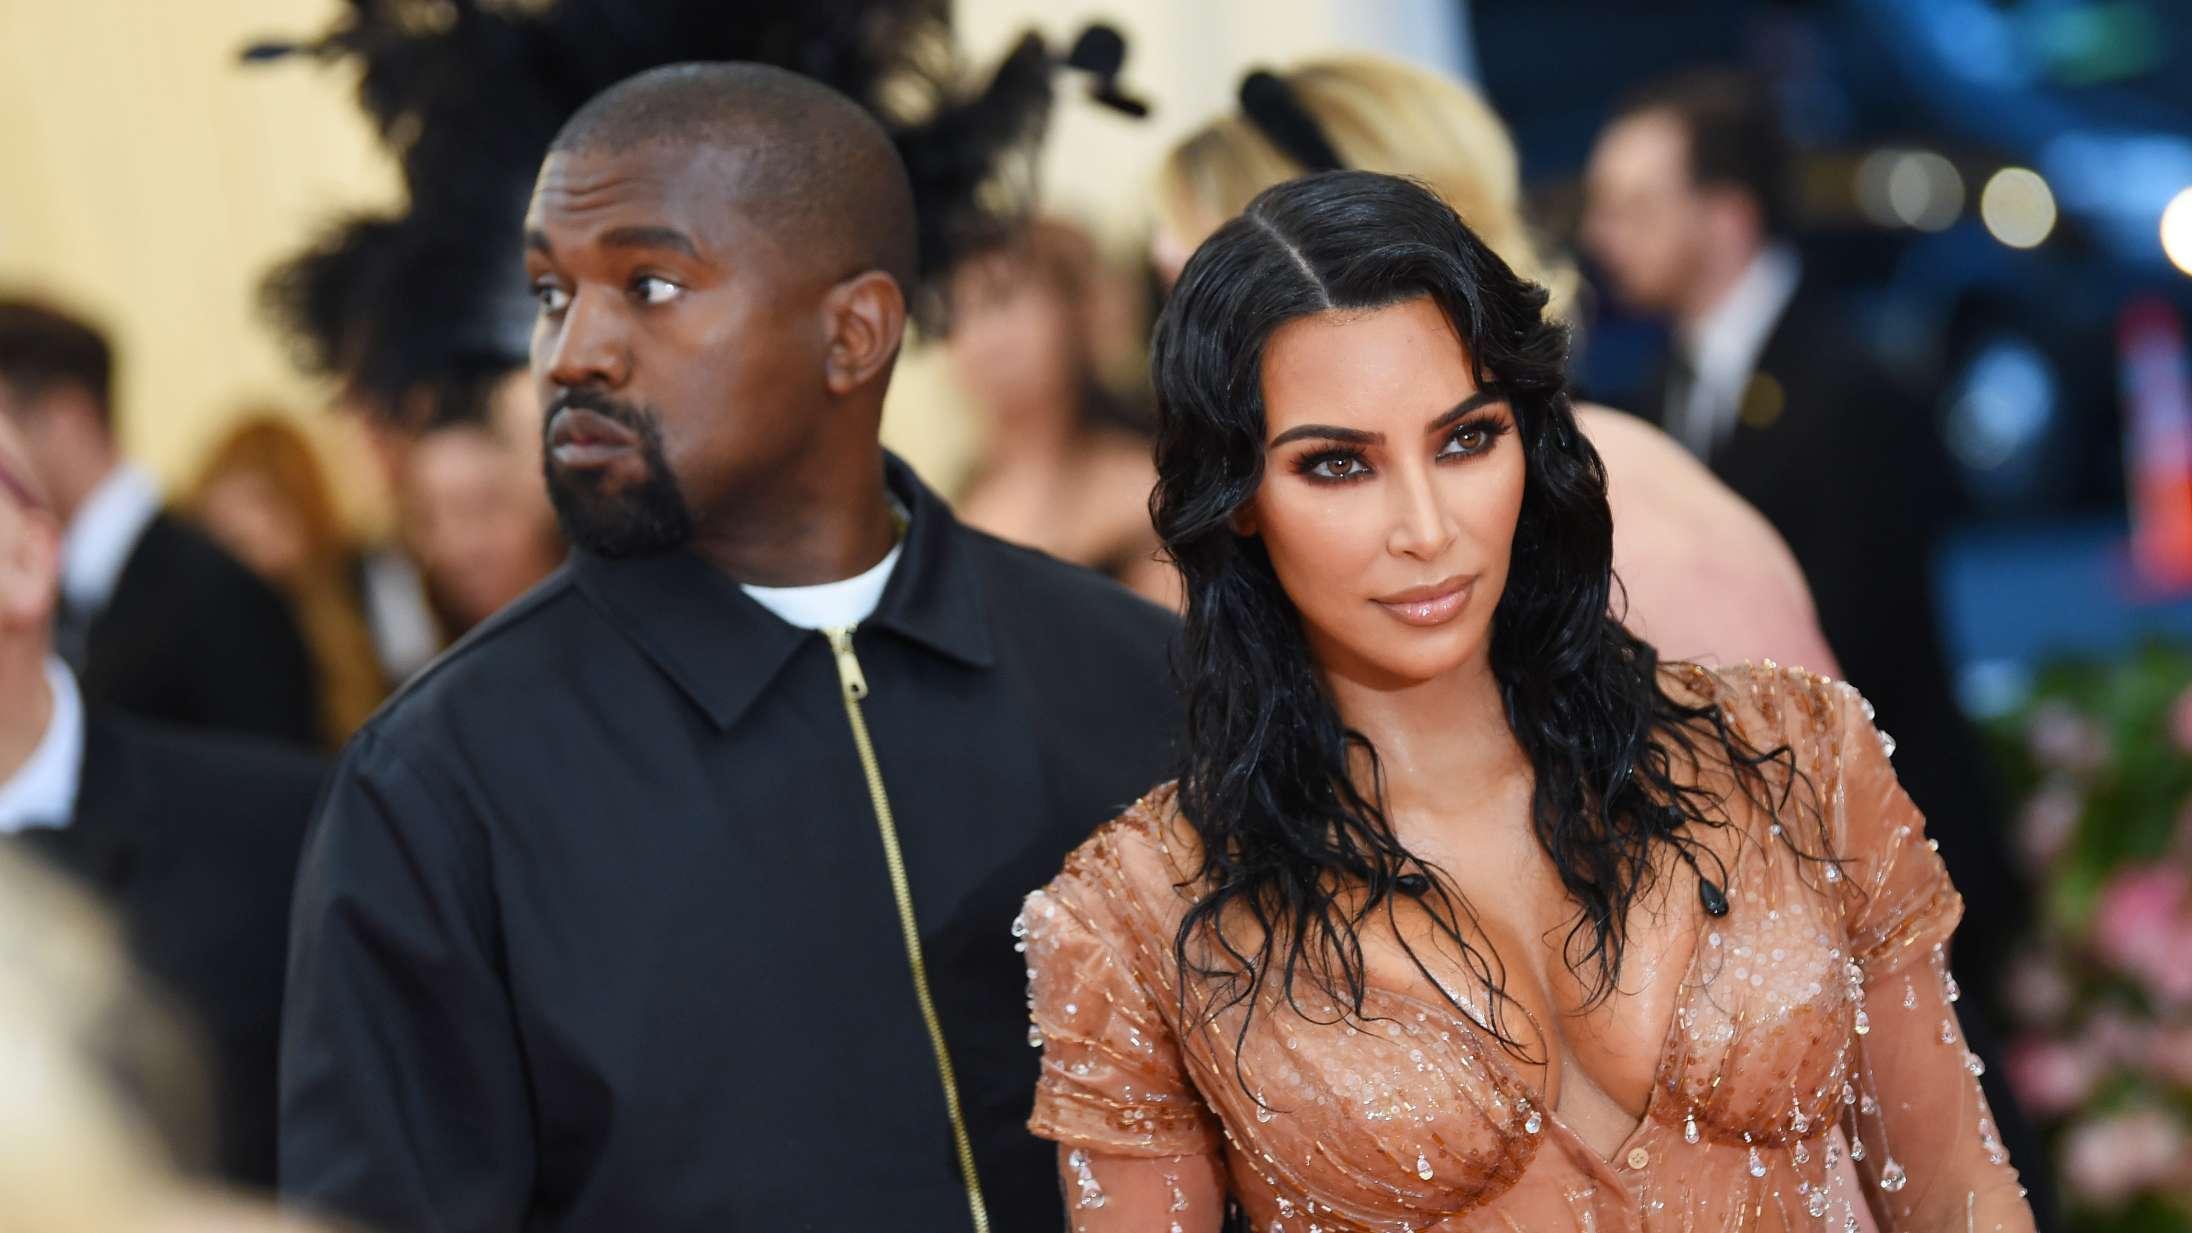 Endnu et Kardashian-meme er født: Kanye West fejrer Kim med bizart hologram af afdød far